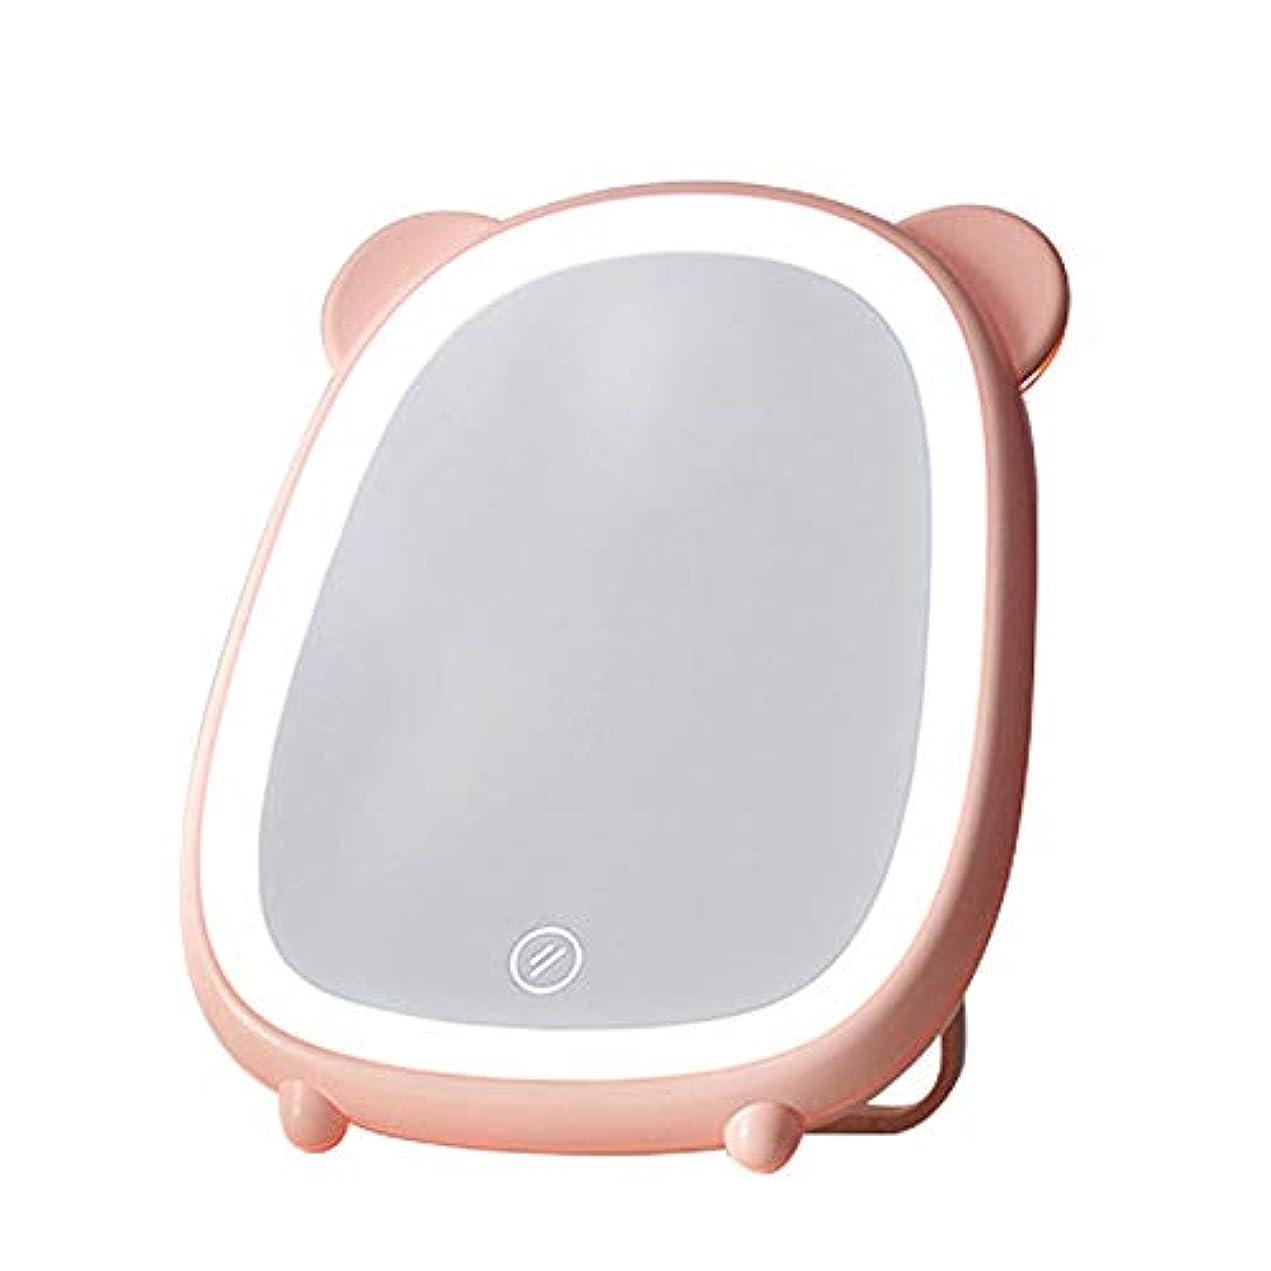 積分似ている根絶するTYNEGH 照光式ミラーLEDライトタッチスクリーンは、女の子と男性の化粧品については、表を回転自由に180度回転させることができ、